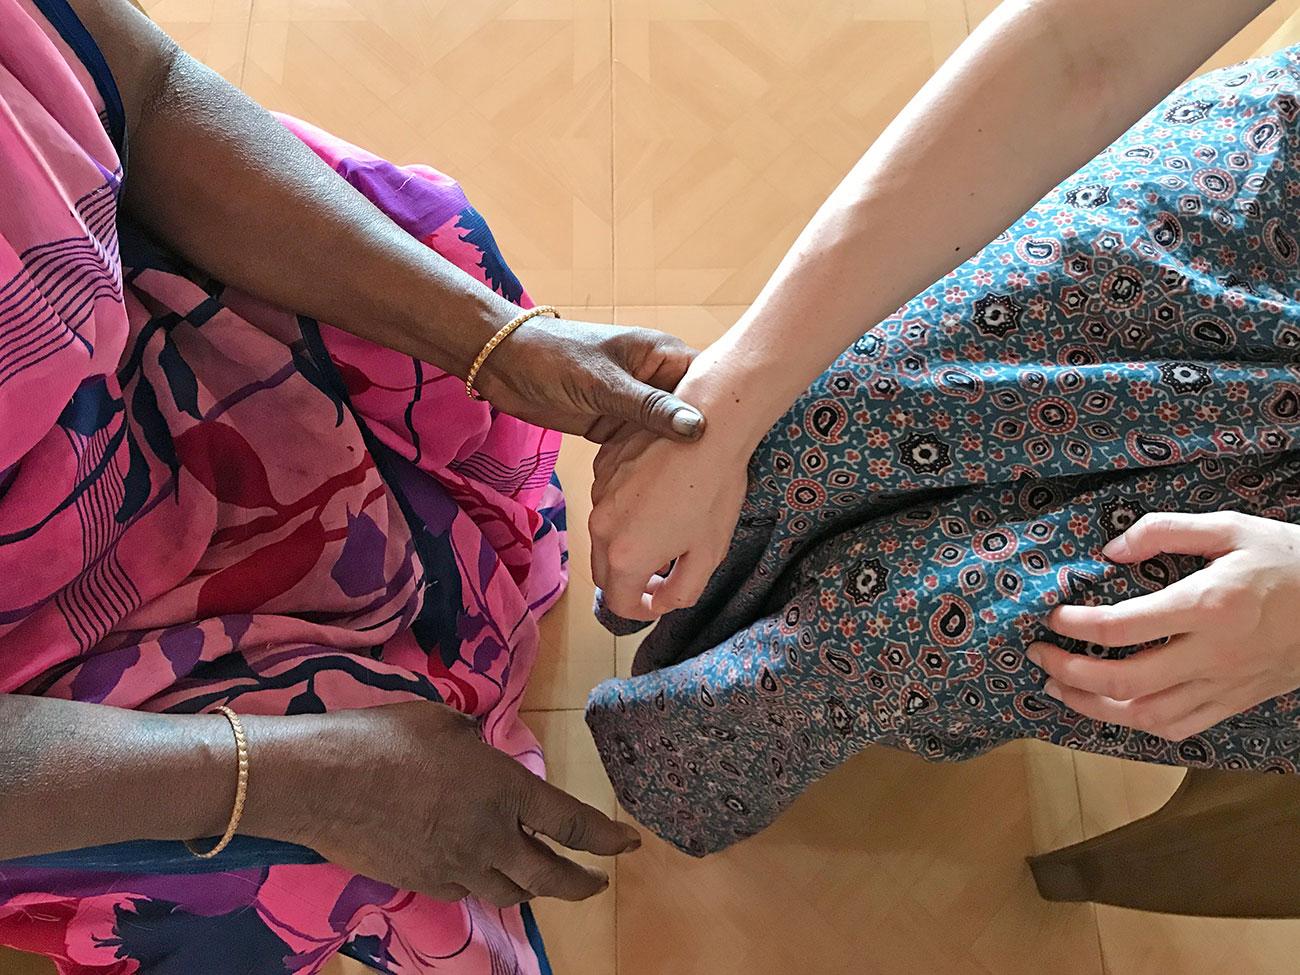 ケララ、Attappati部族伝統の診断、脈